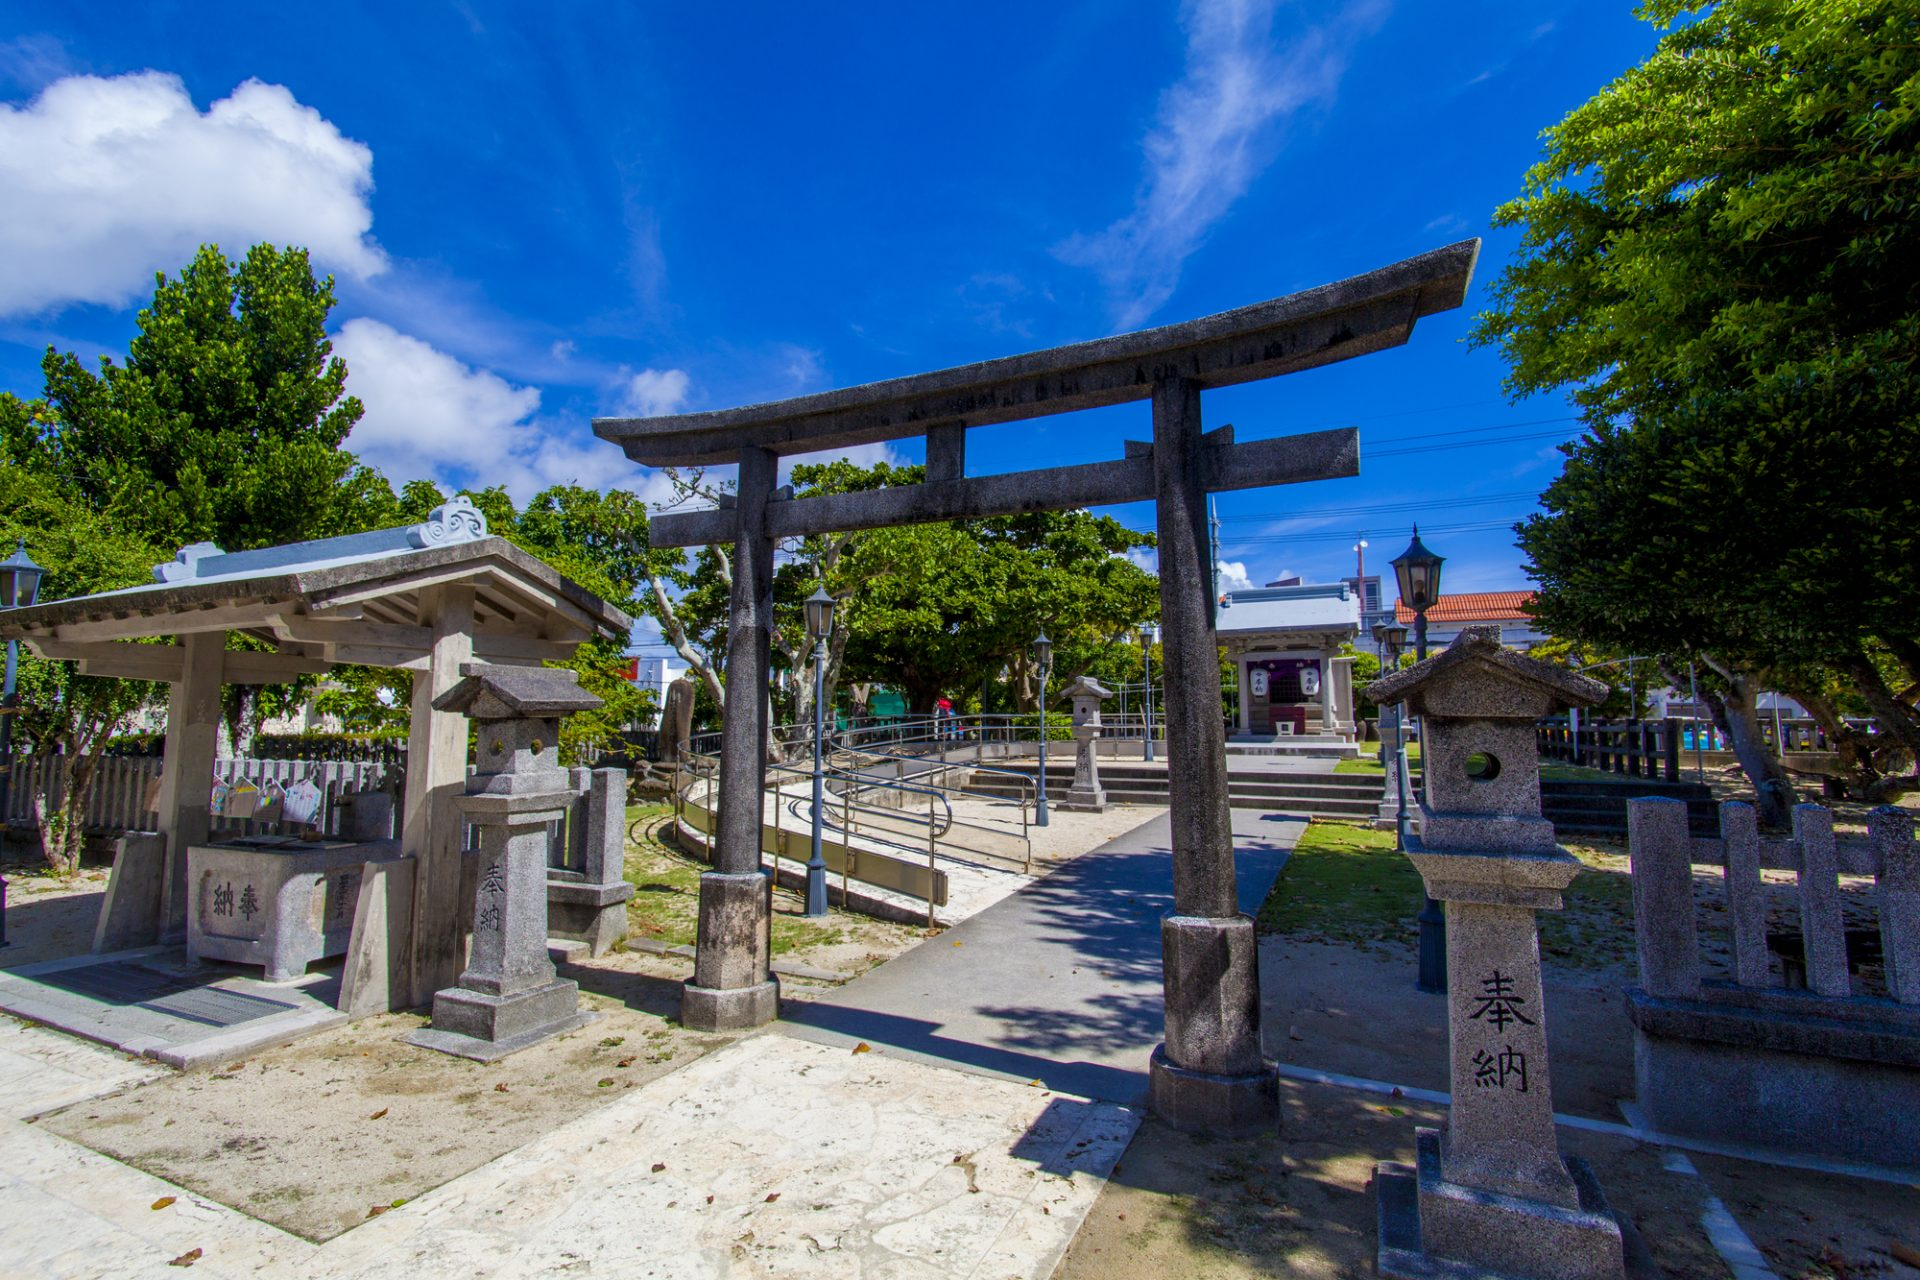 沖縄市の観光スポット⑥「泡瀬ビジュル」